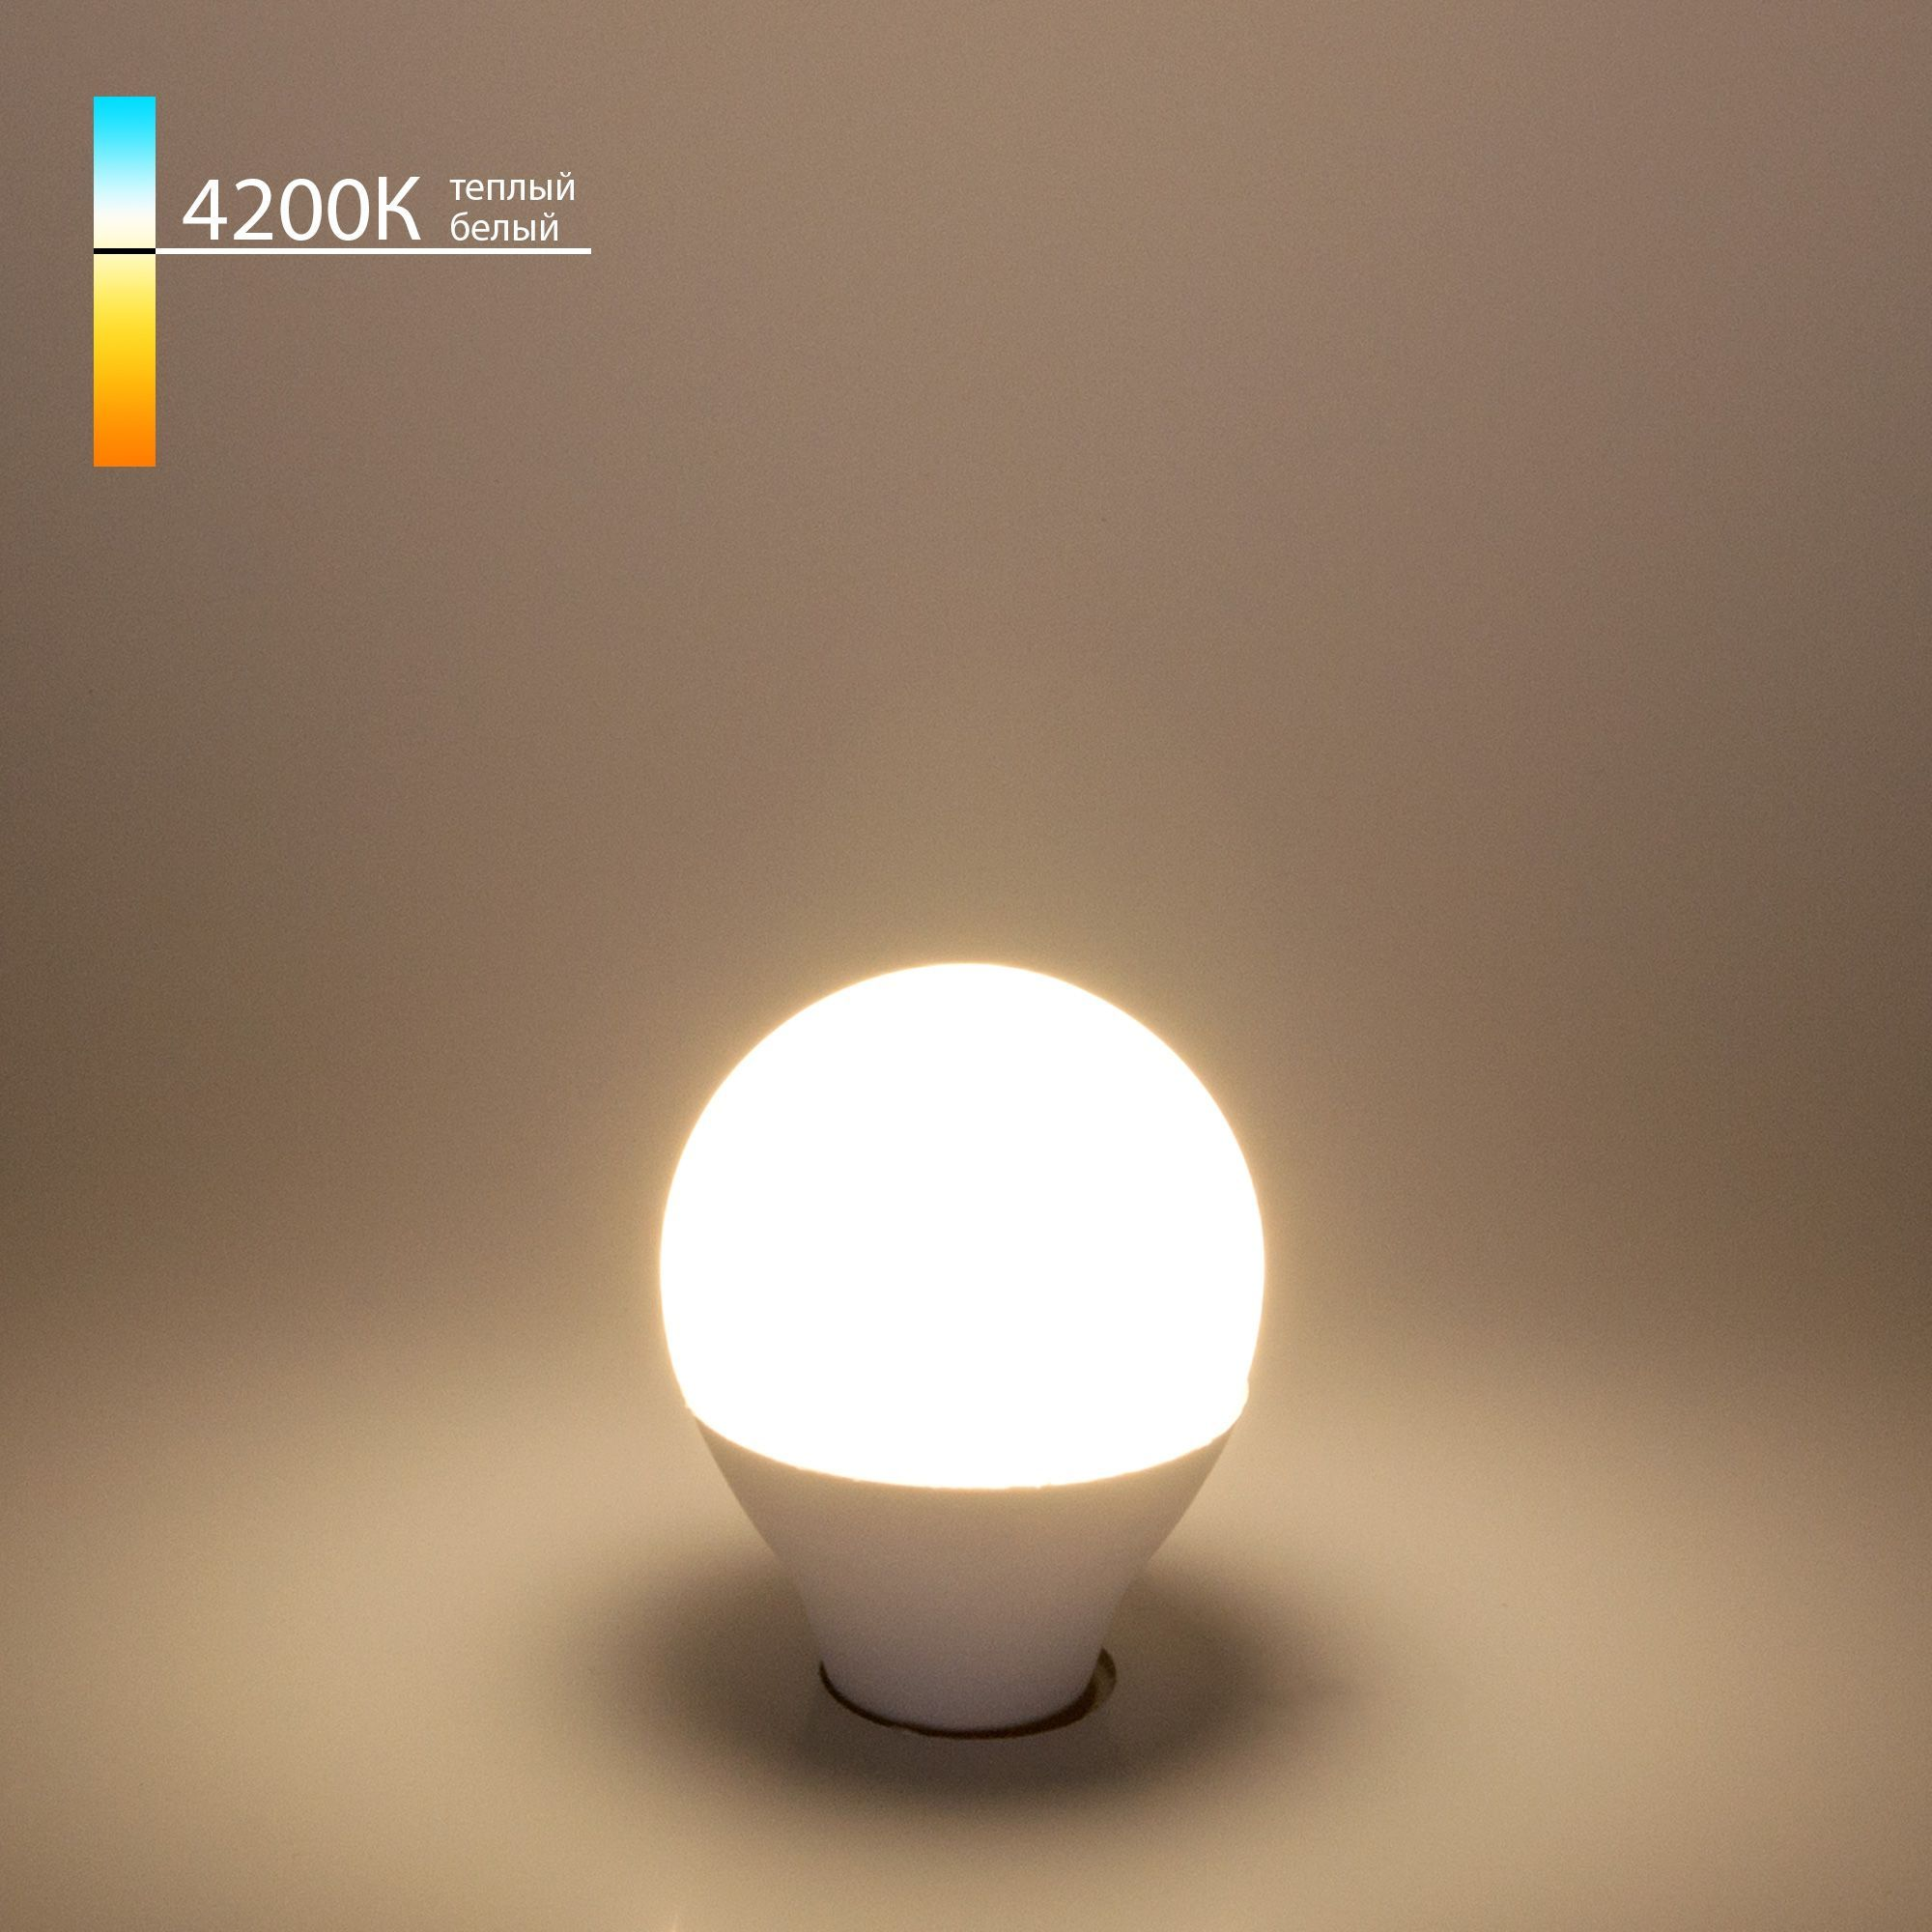 Светодиодная лампа G45 7W 4200K E14 Mini Classic LED 7W 4200K E14 матовое стекло